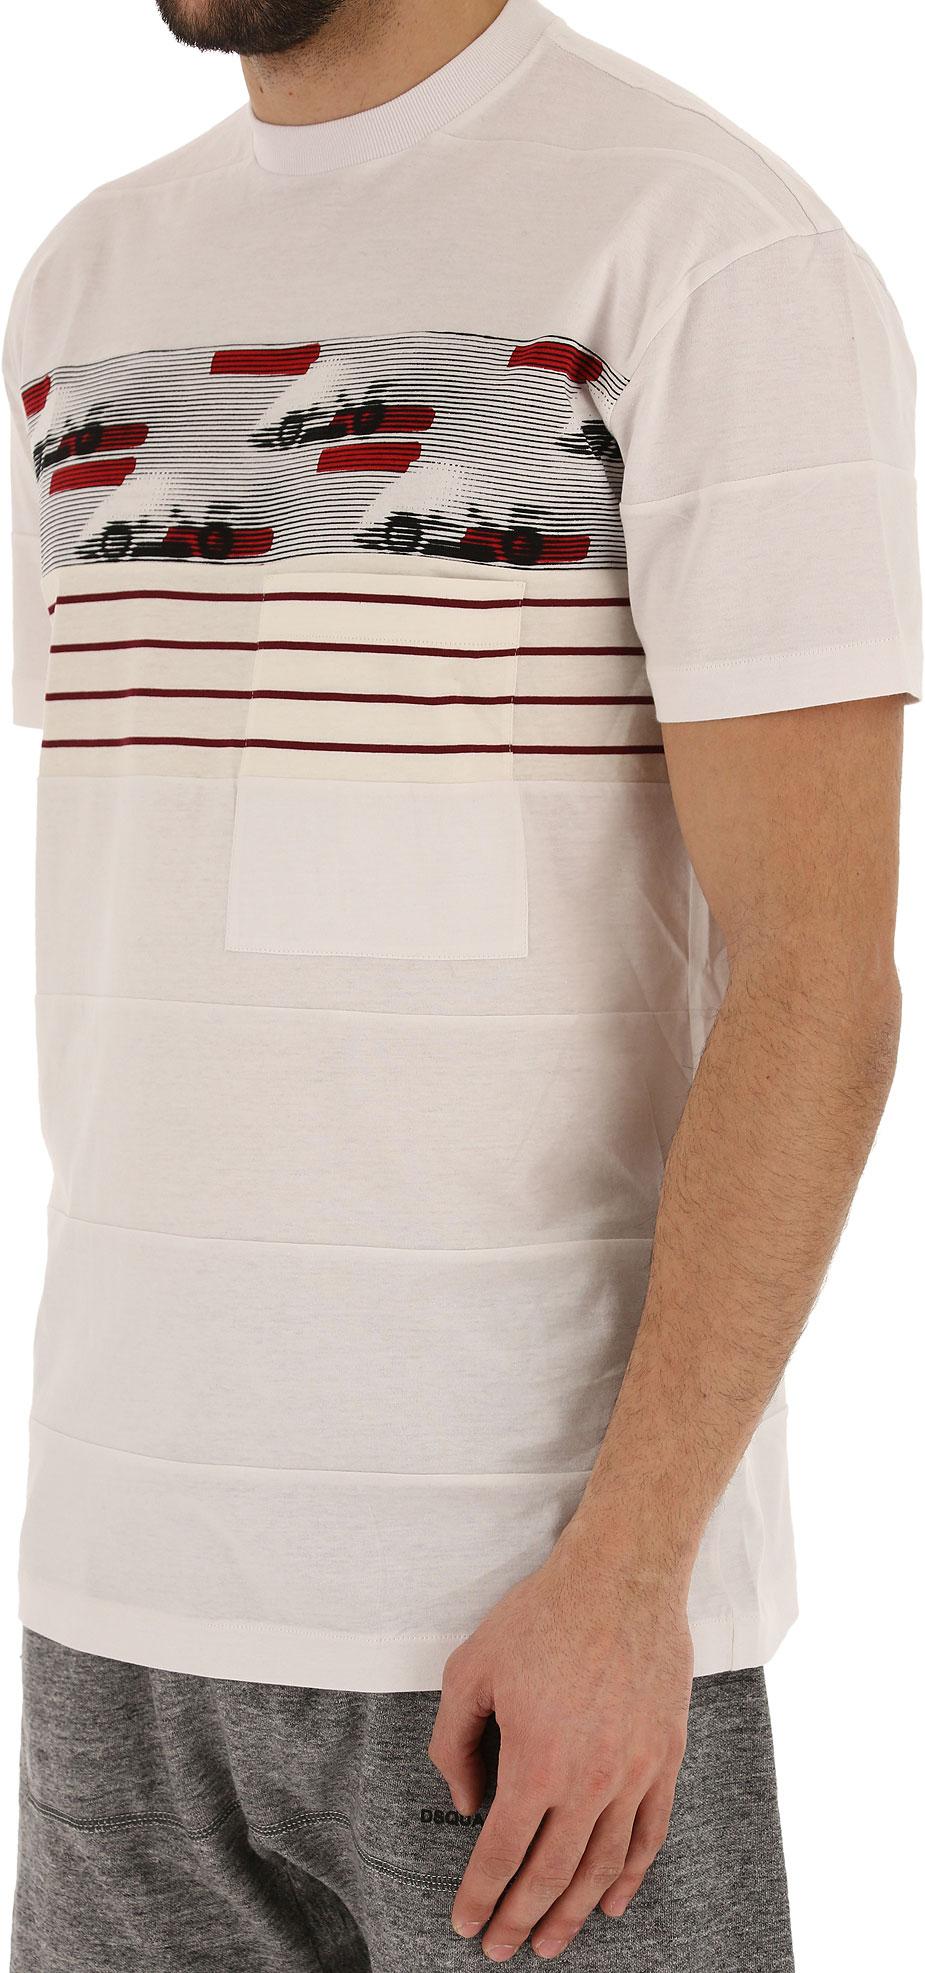 Abbigliamento Ujn320-1k9i-f0d17 Prada Uomo Codice Articolo